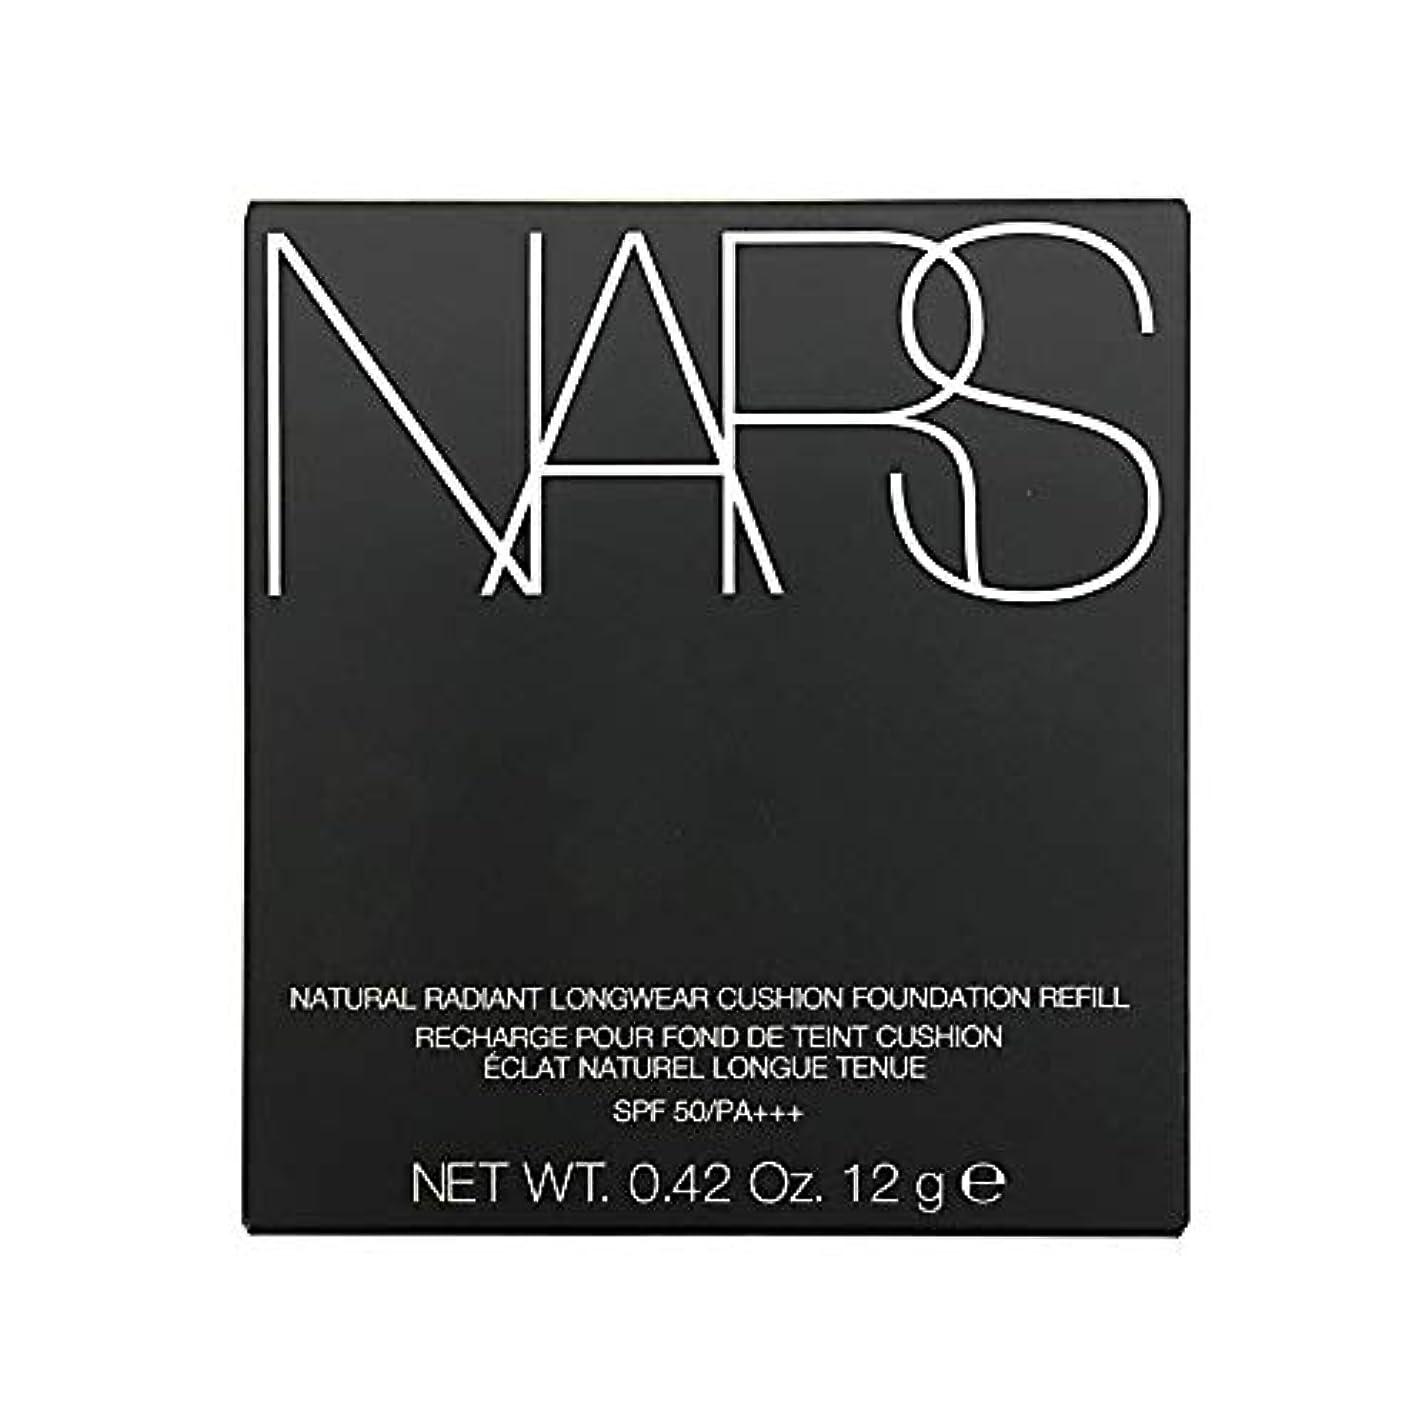 シーフード否定する修正ナーズ/NARS ナチュラルラディアント ロングウェア クッションファンデーション(レフィル)#5877 [ クッションファンデ ] [並行輸入品]